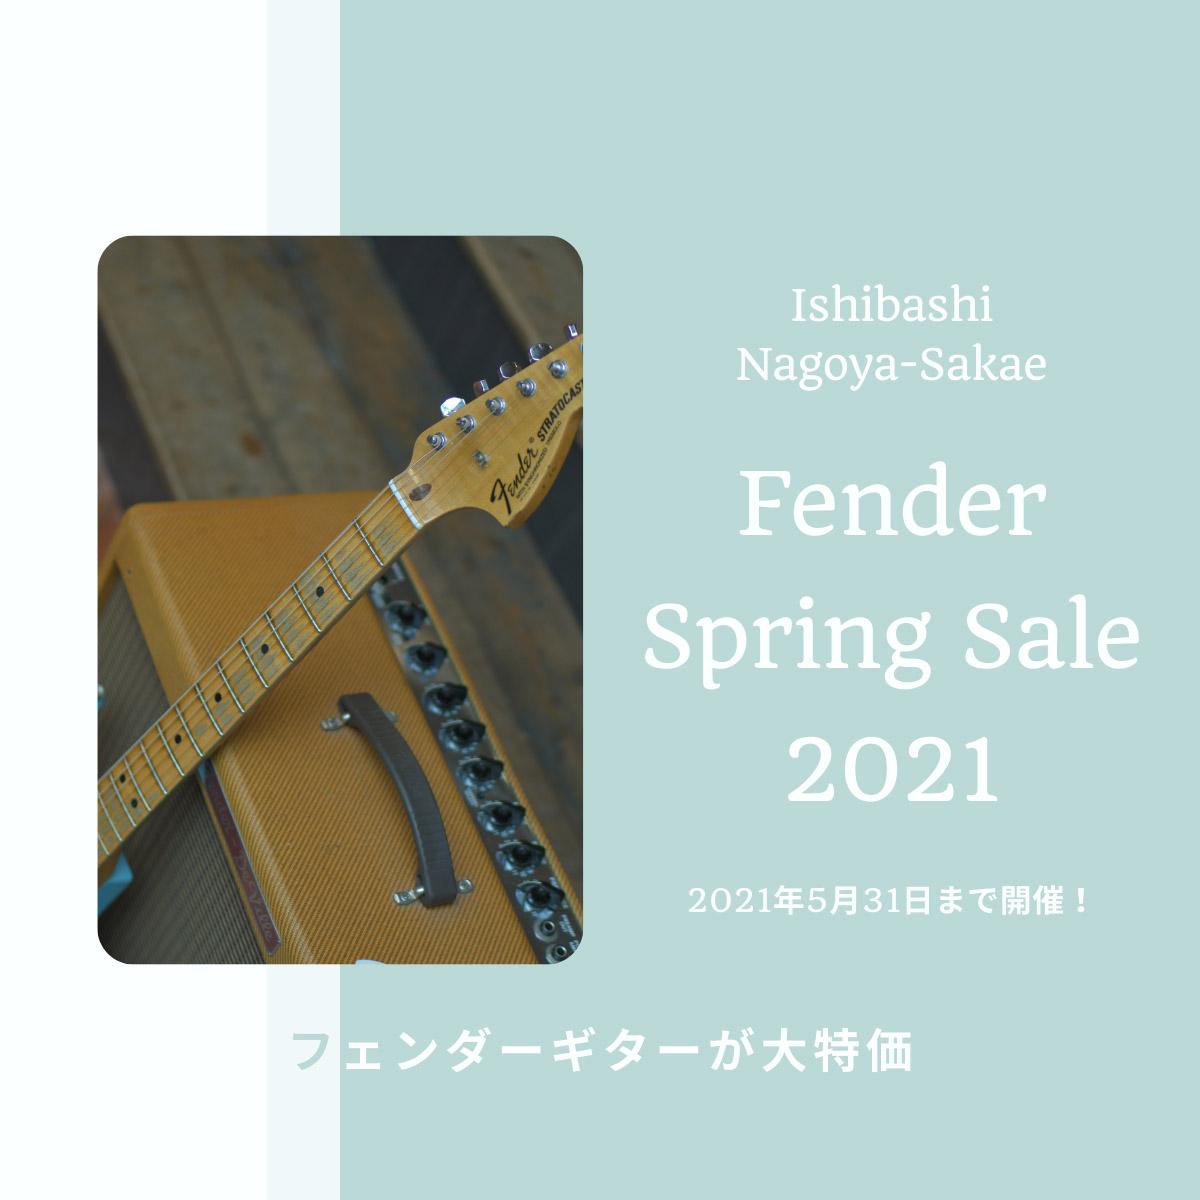 Fender Spring Sale 2021